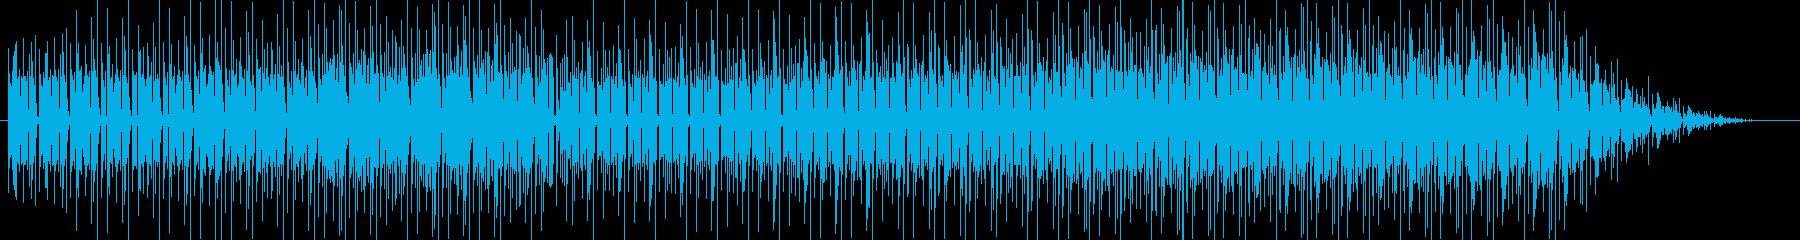 ミニゲーム風、コミカルで可愛らしいポッ…の再生済みの波形